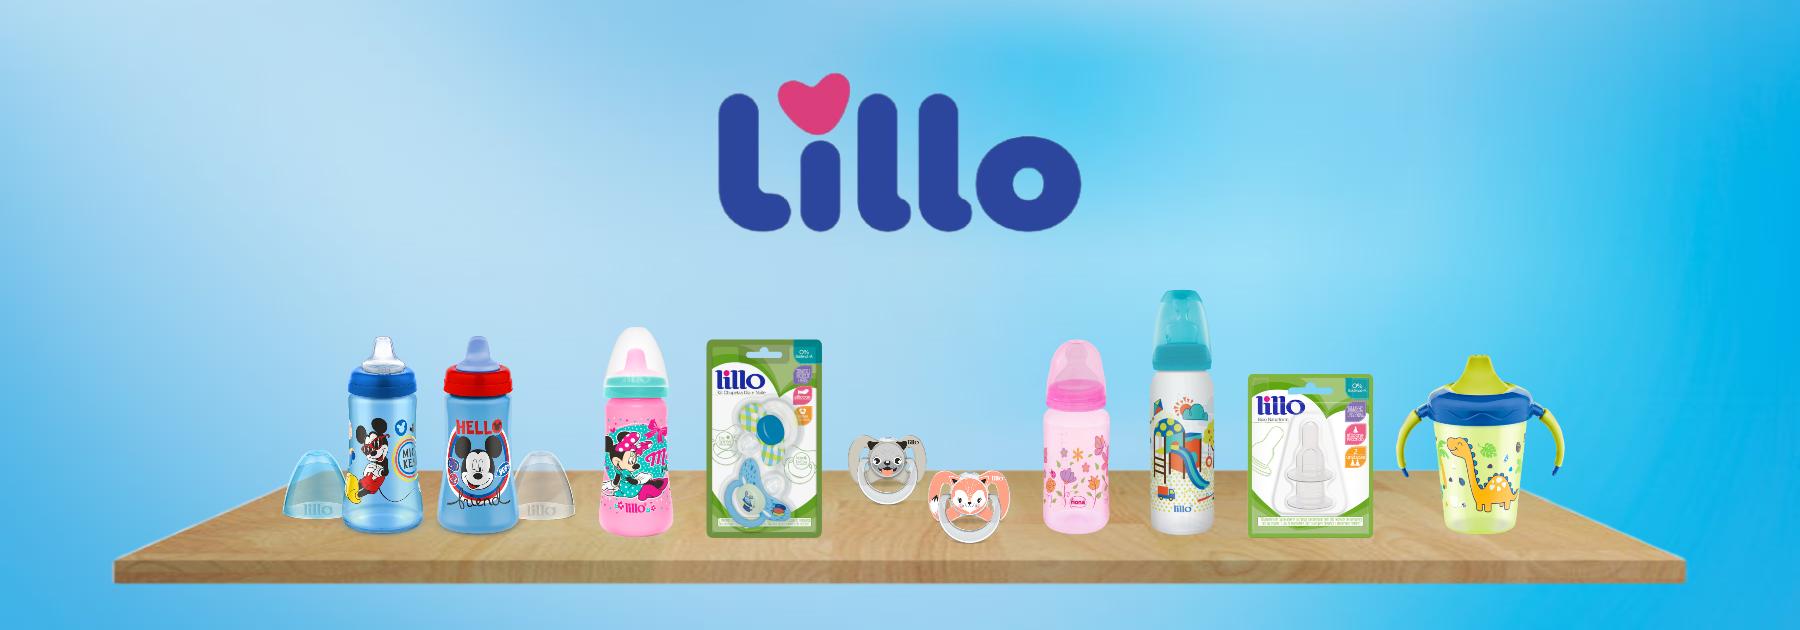 Banner Lillo